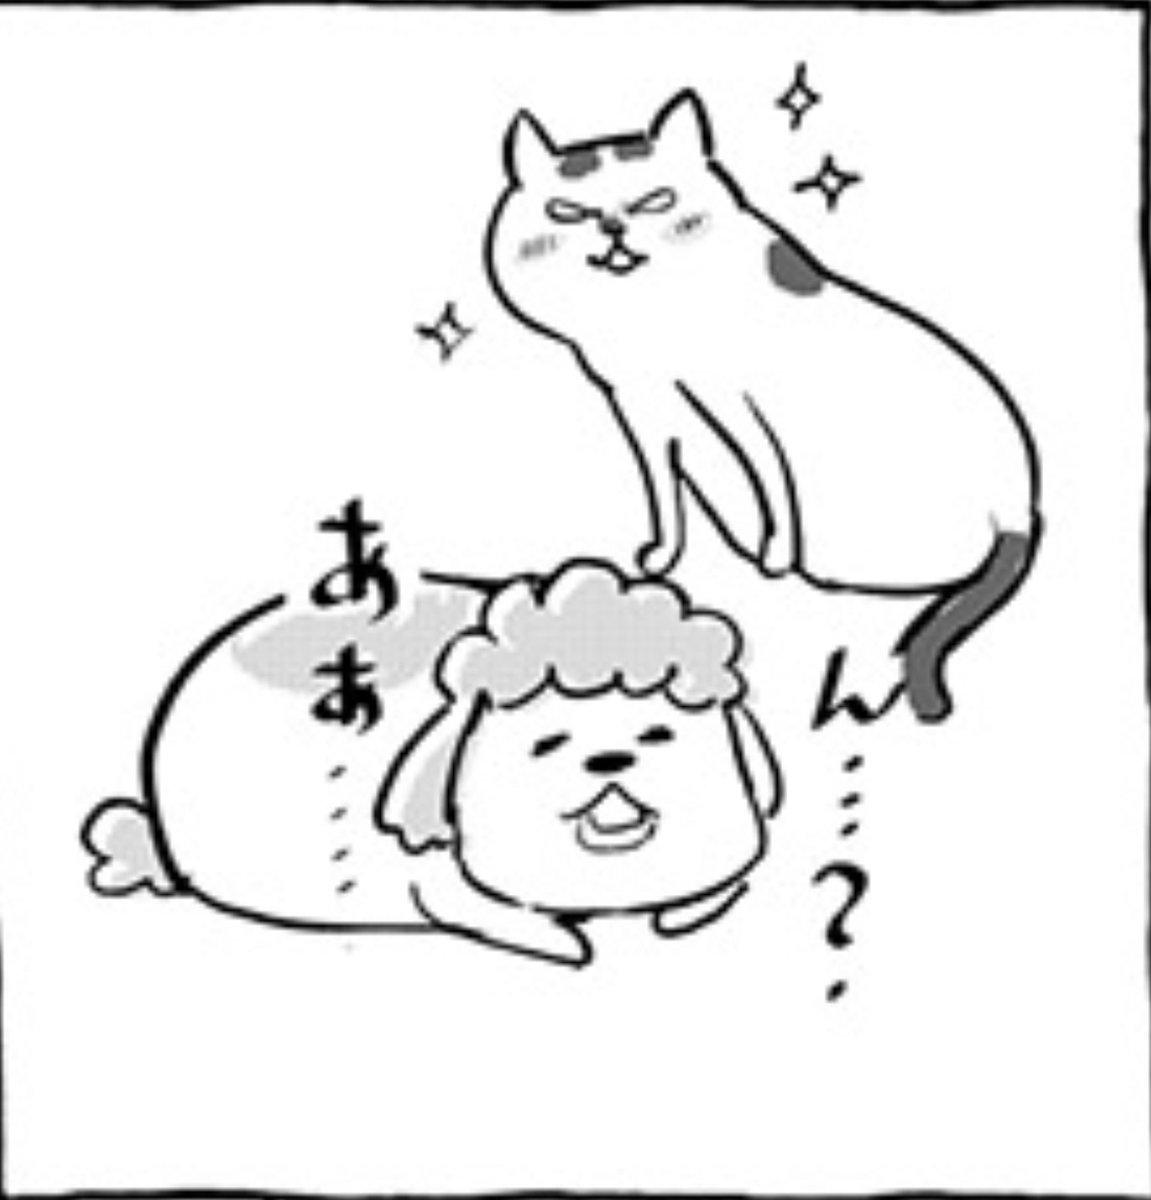 久しぶりに会った実家の17歳おばあちゃん猫に?猫語翻訳アプリを向けてみた結果!